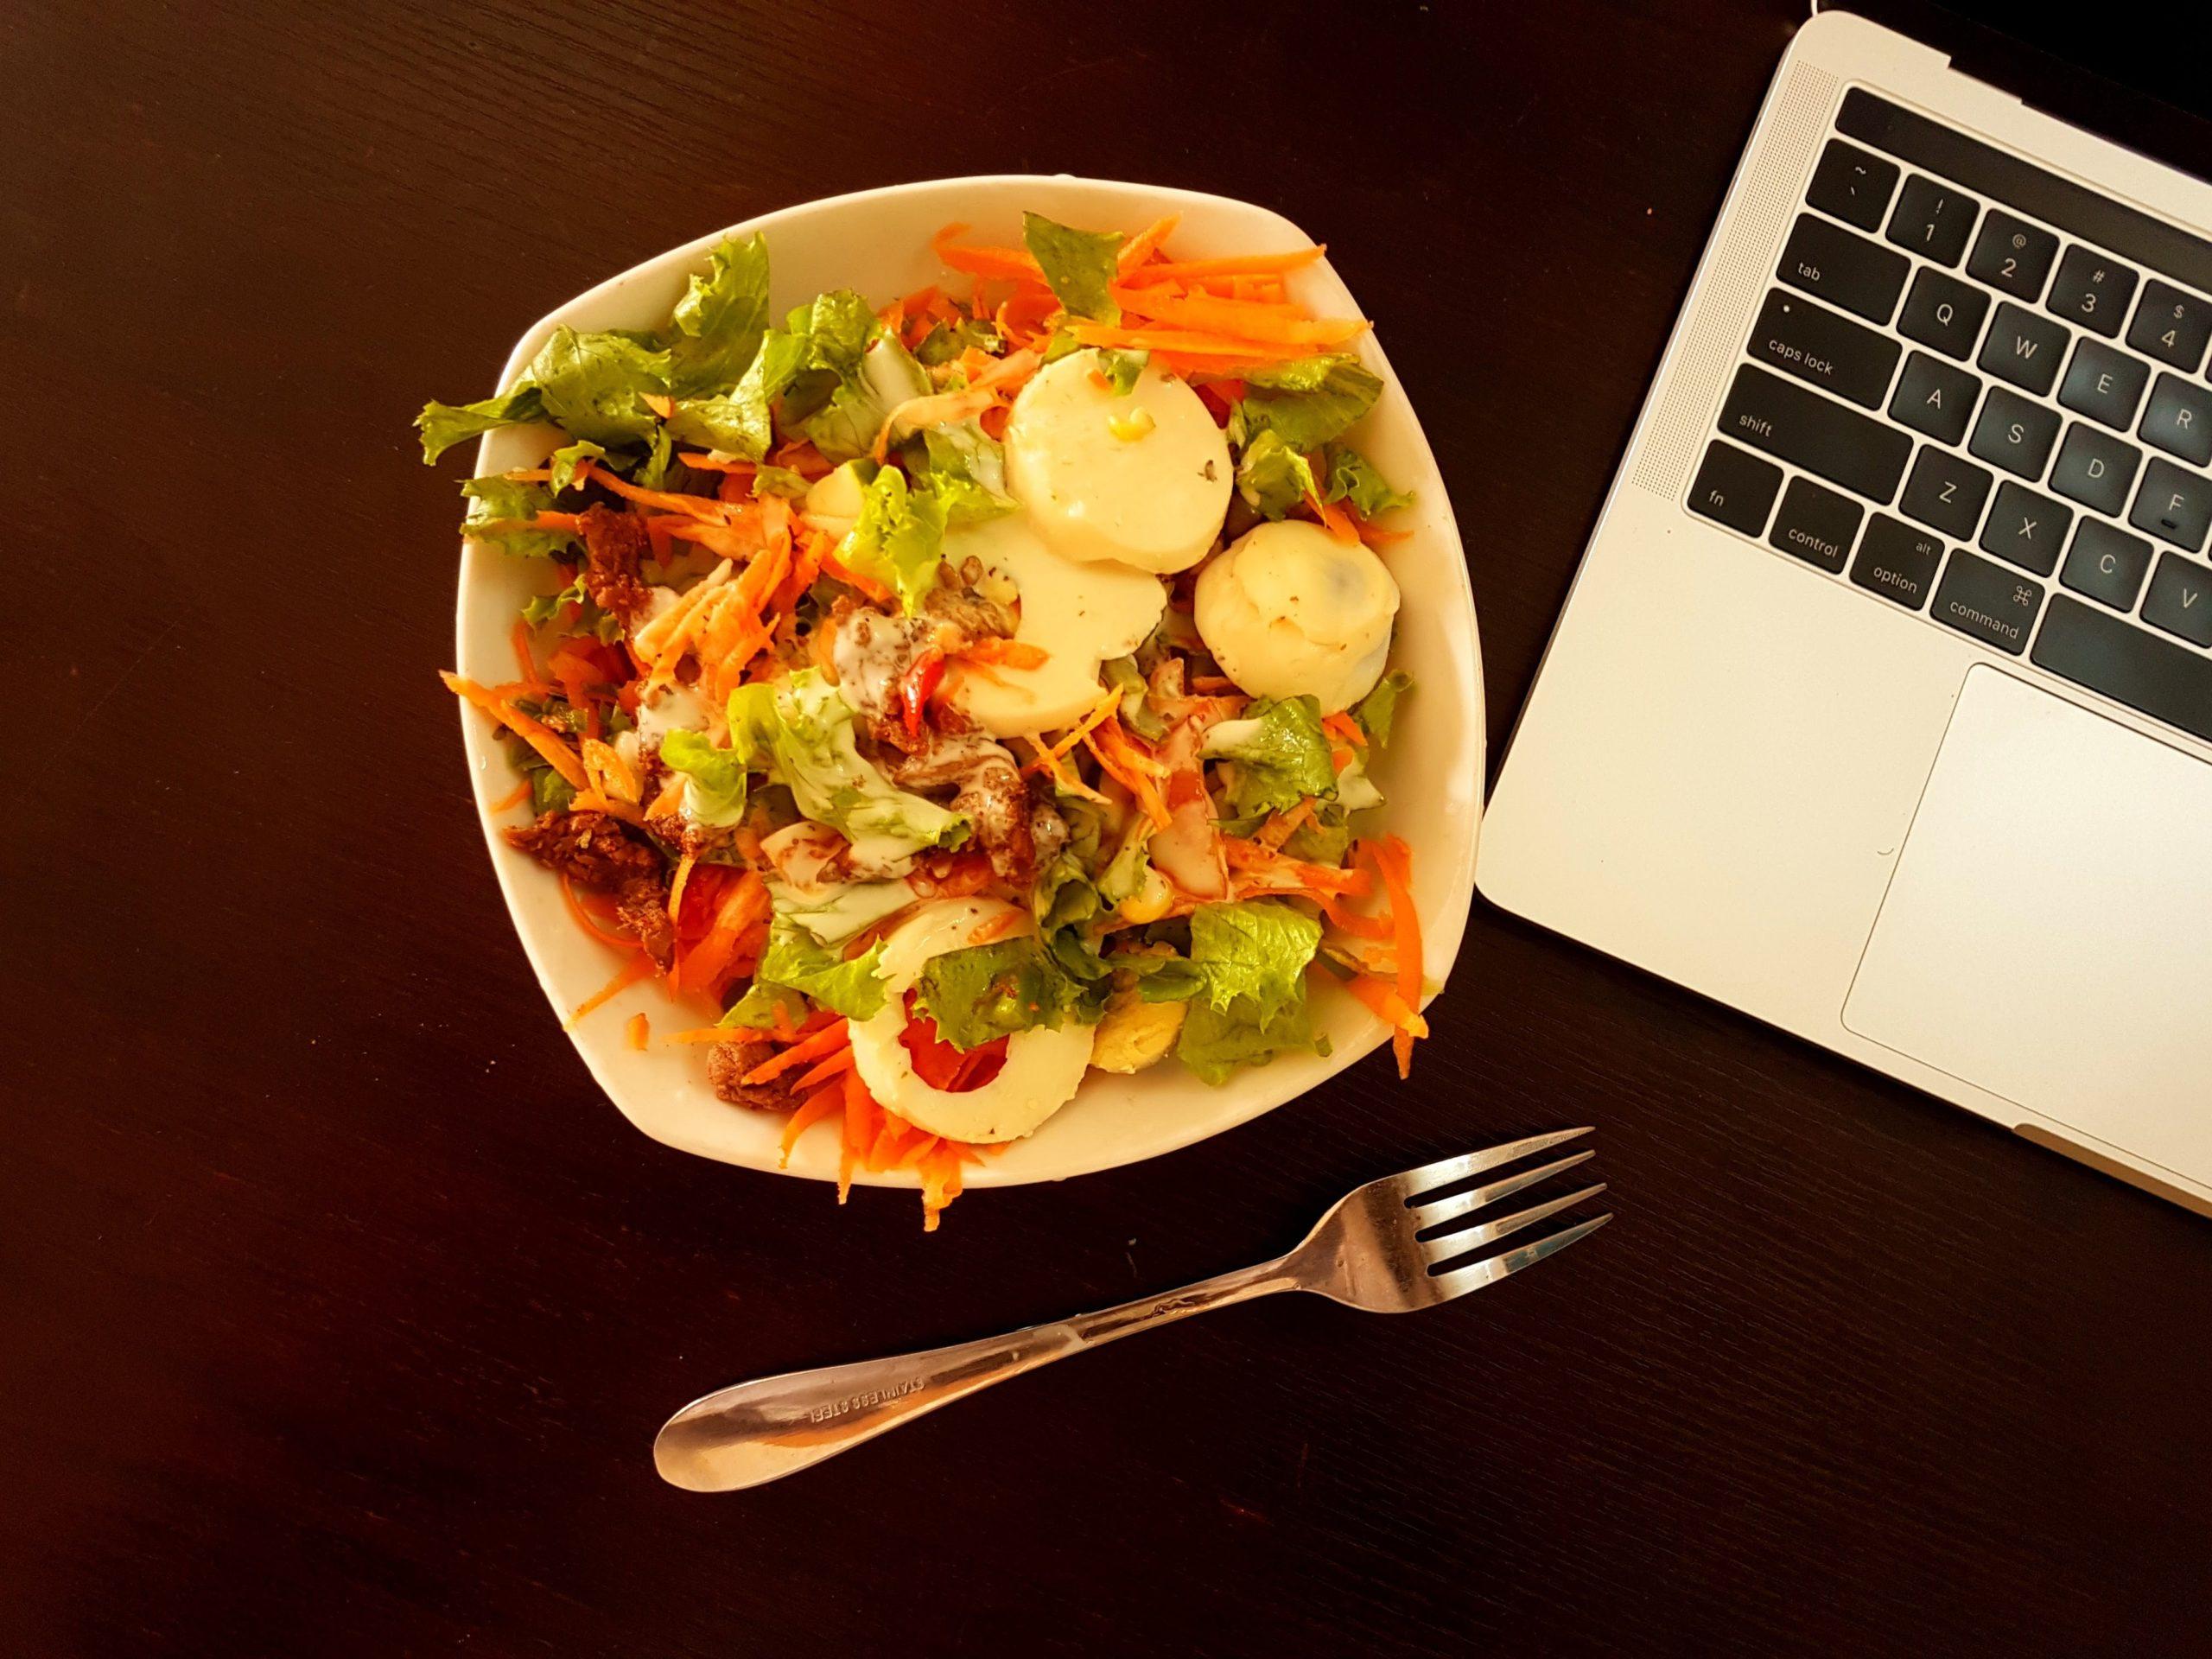 すぐ食べたい!が叶う。宅食ヨシケイの冷凍お惣菜弁当がとにかく便利